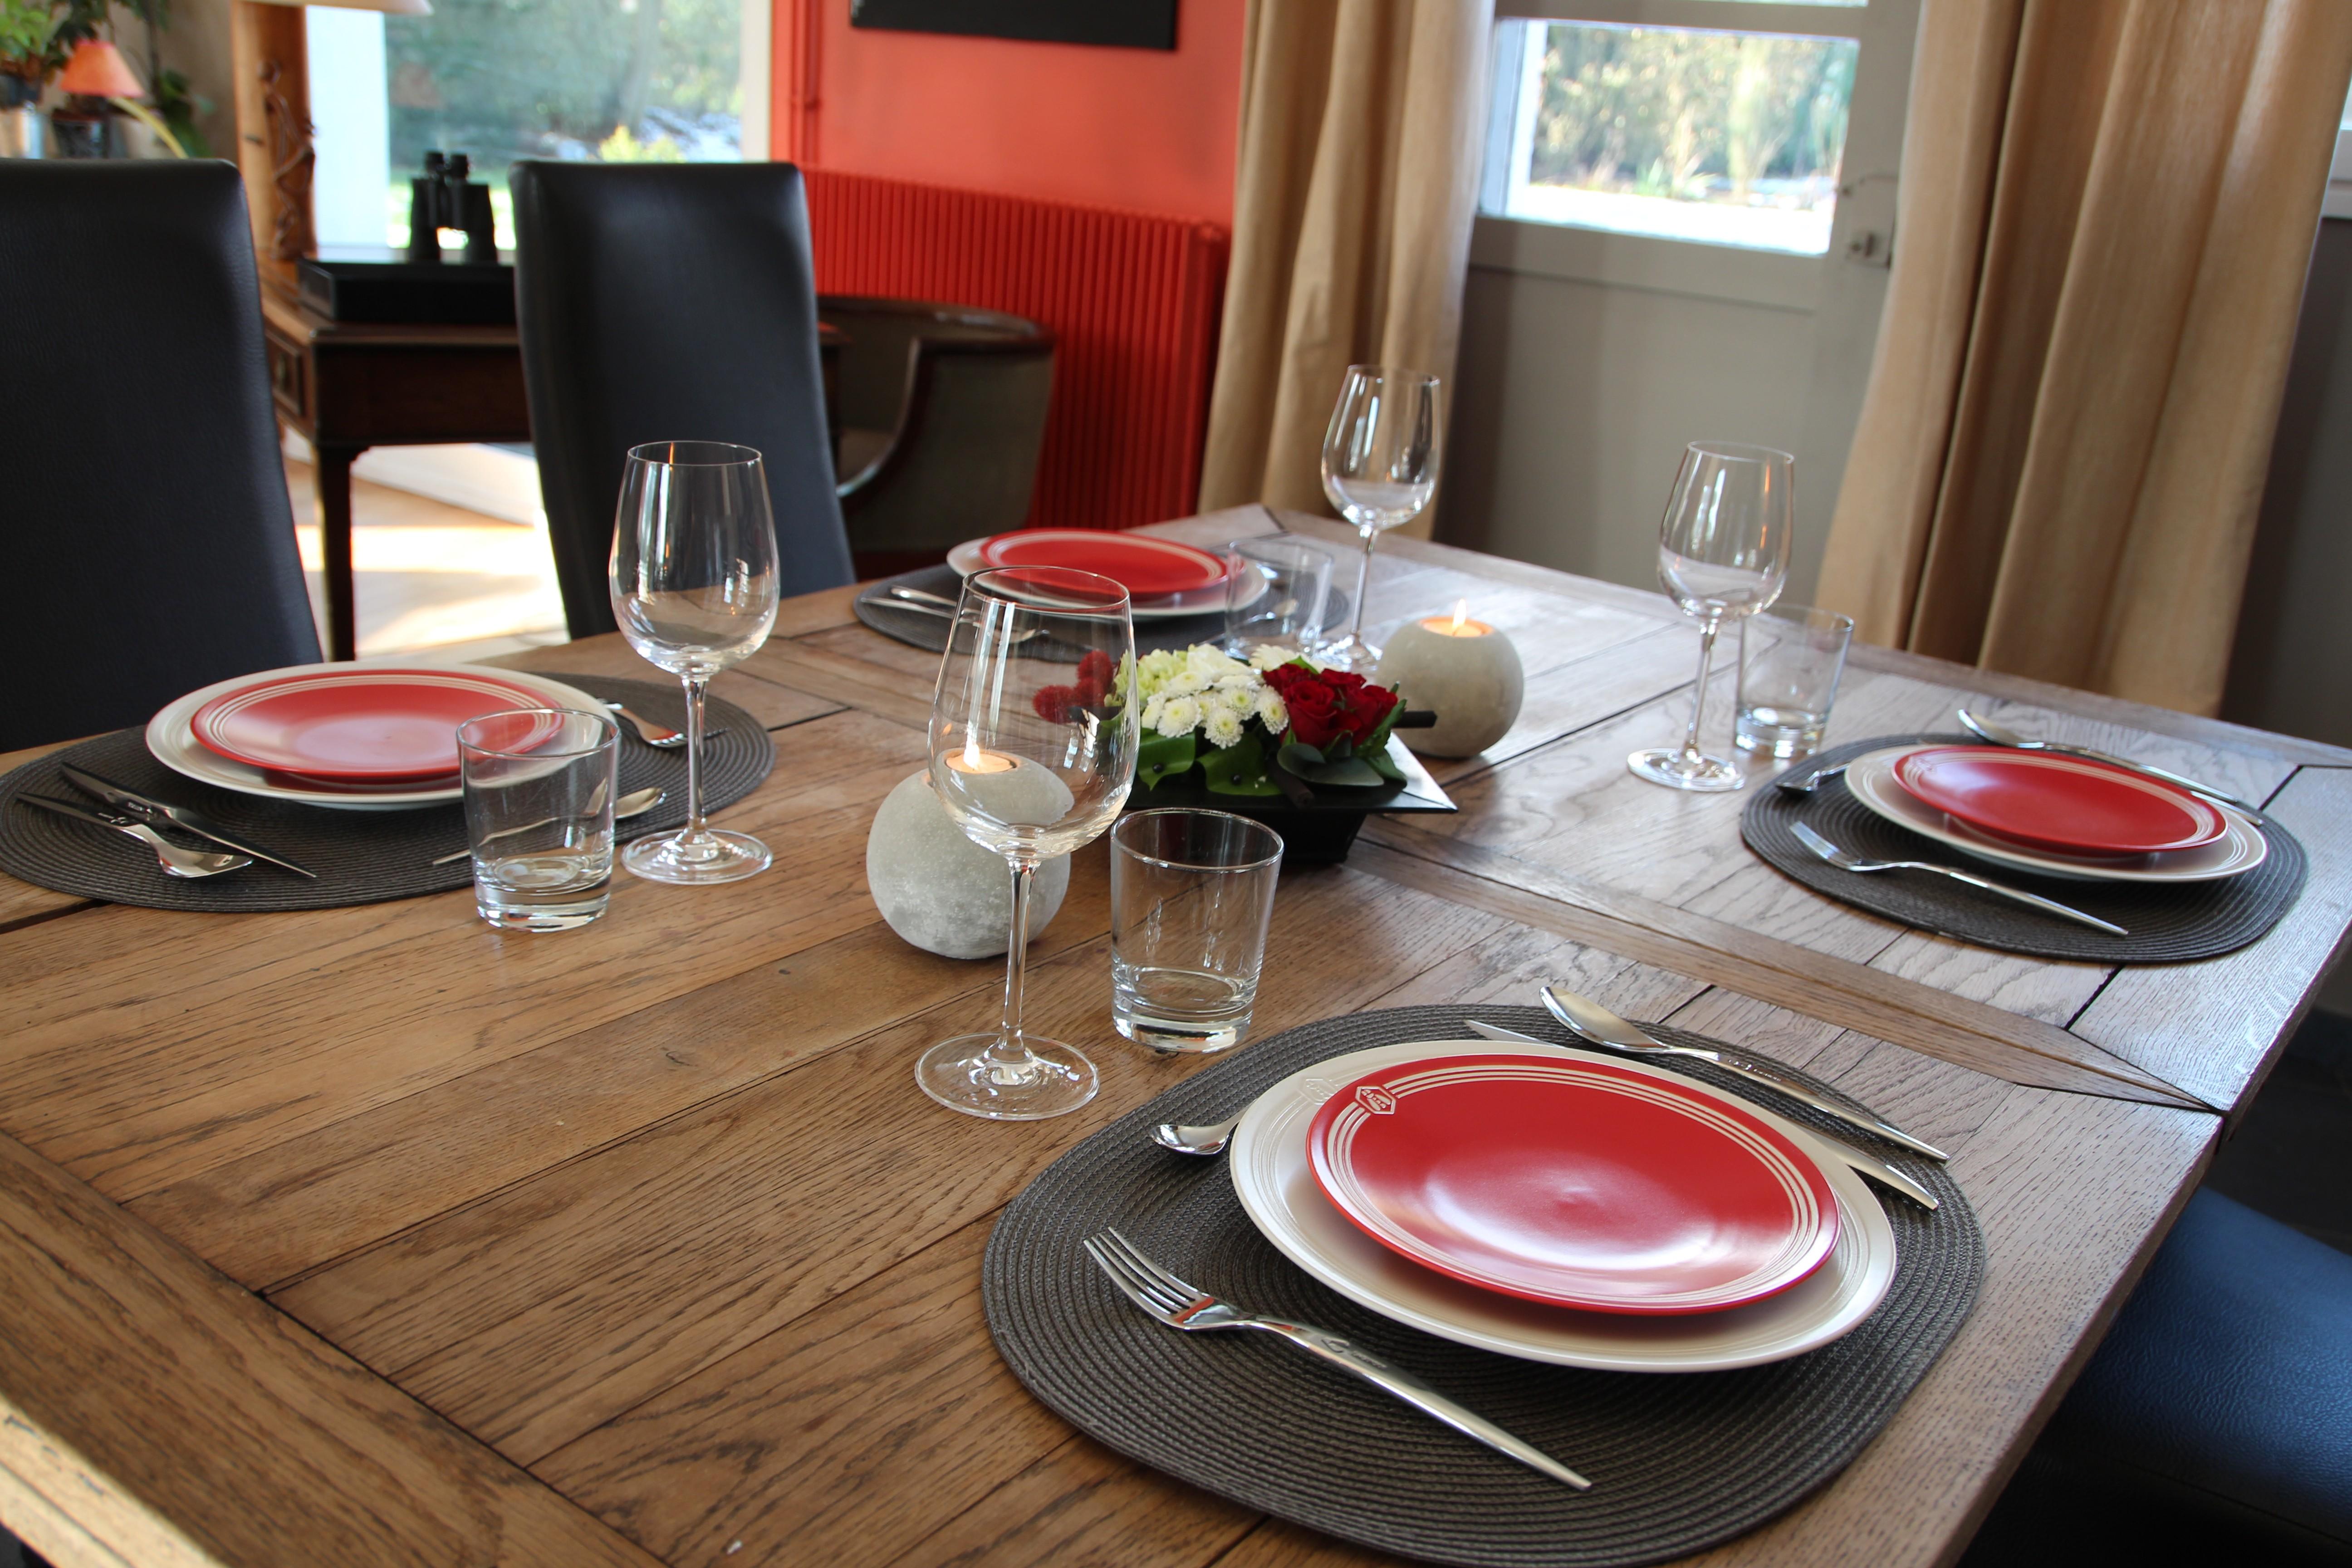 Laguiole table set